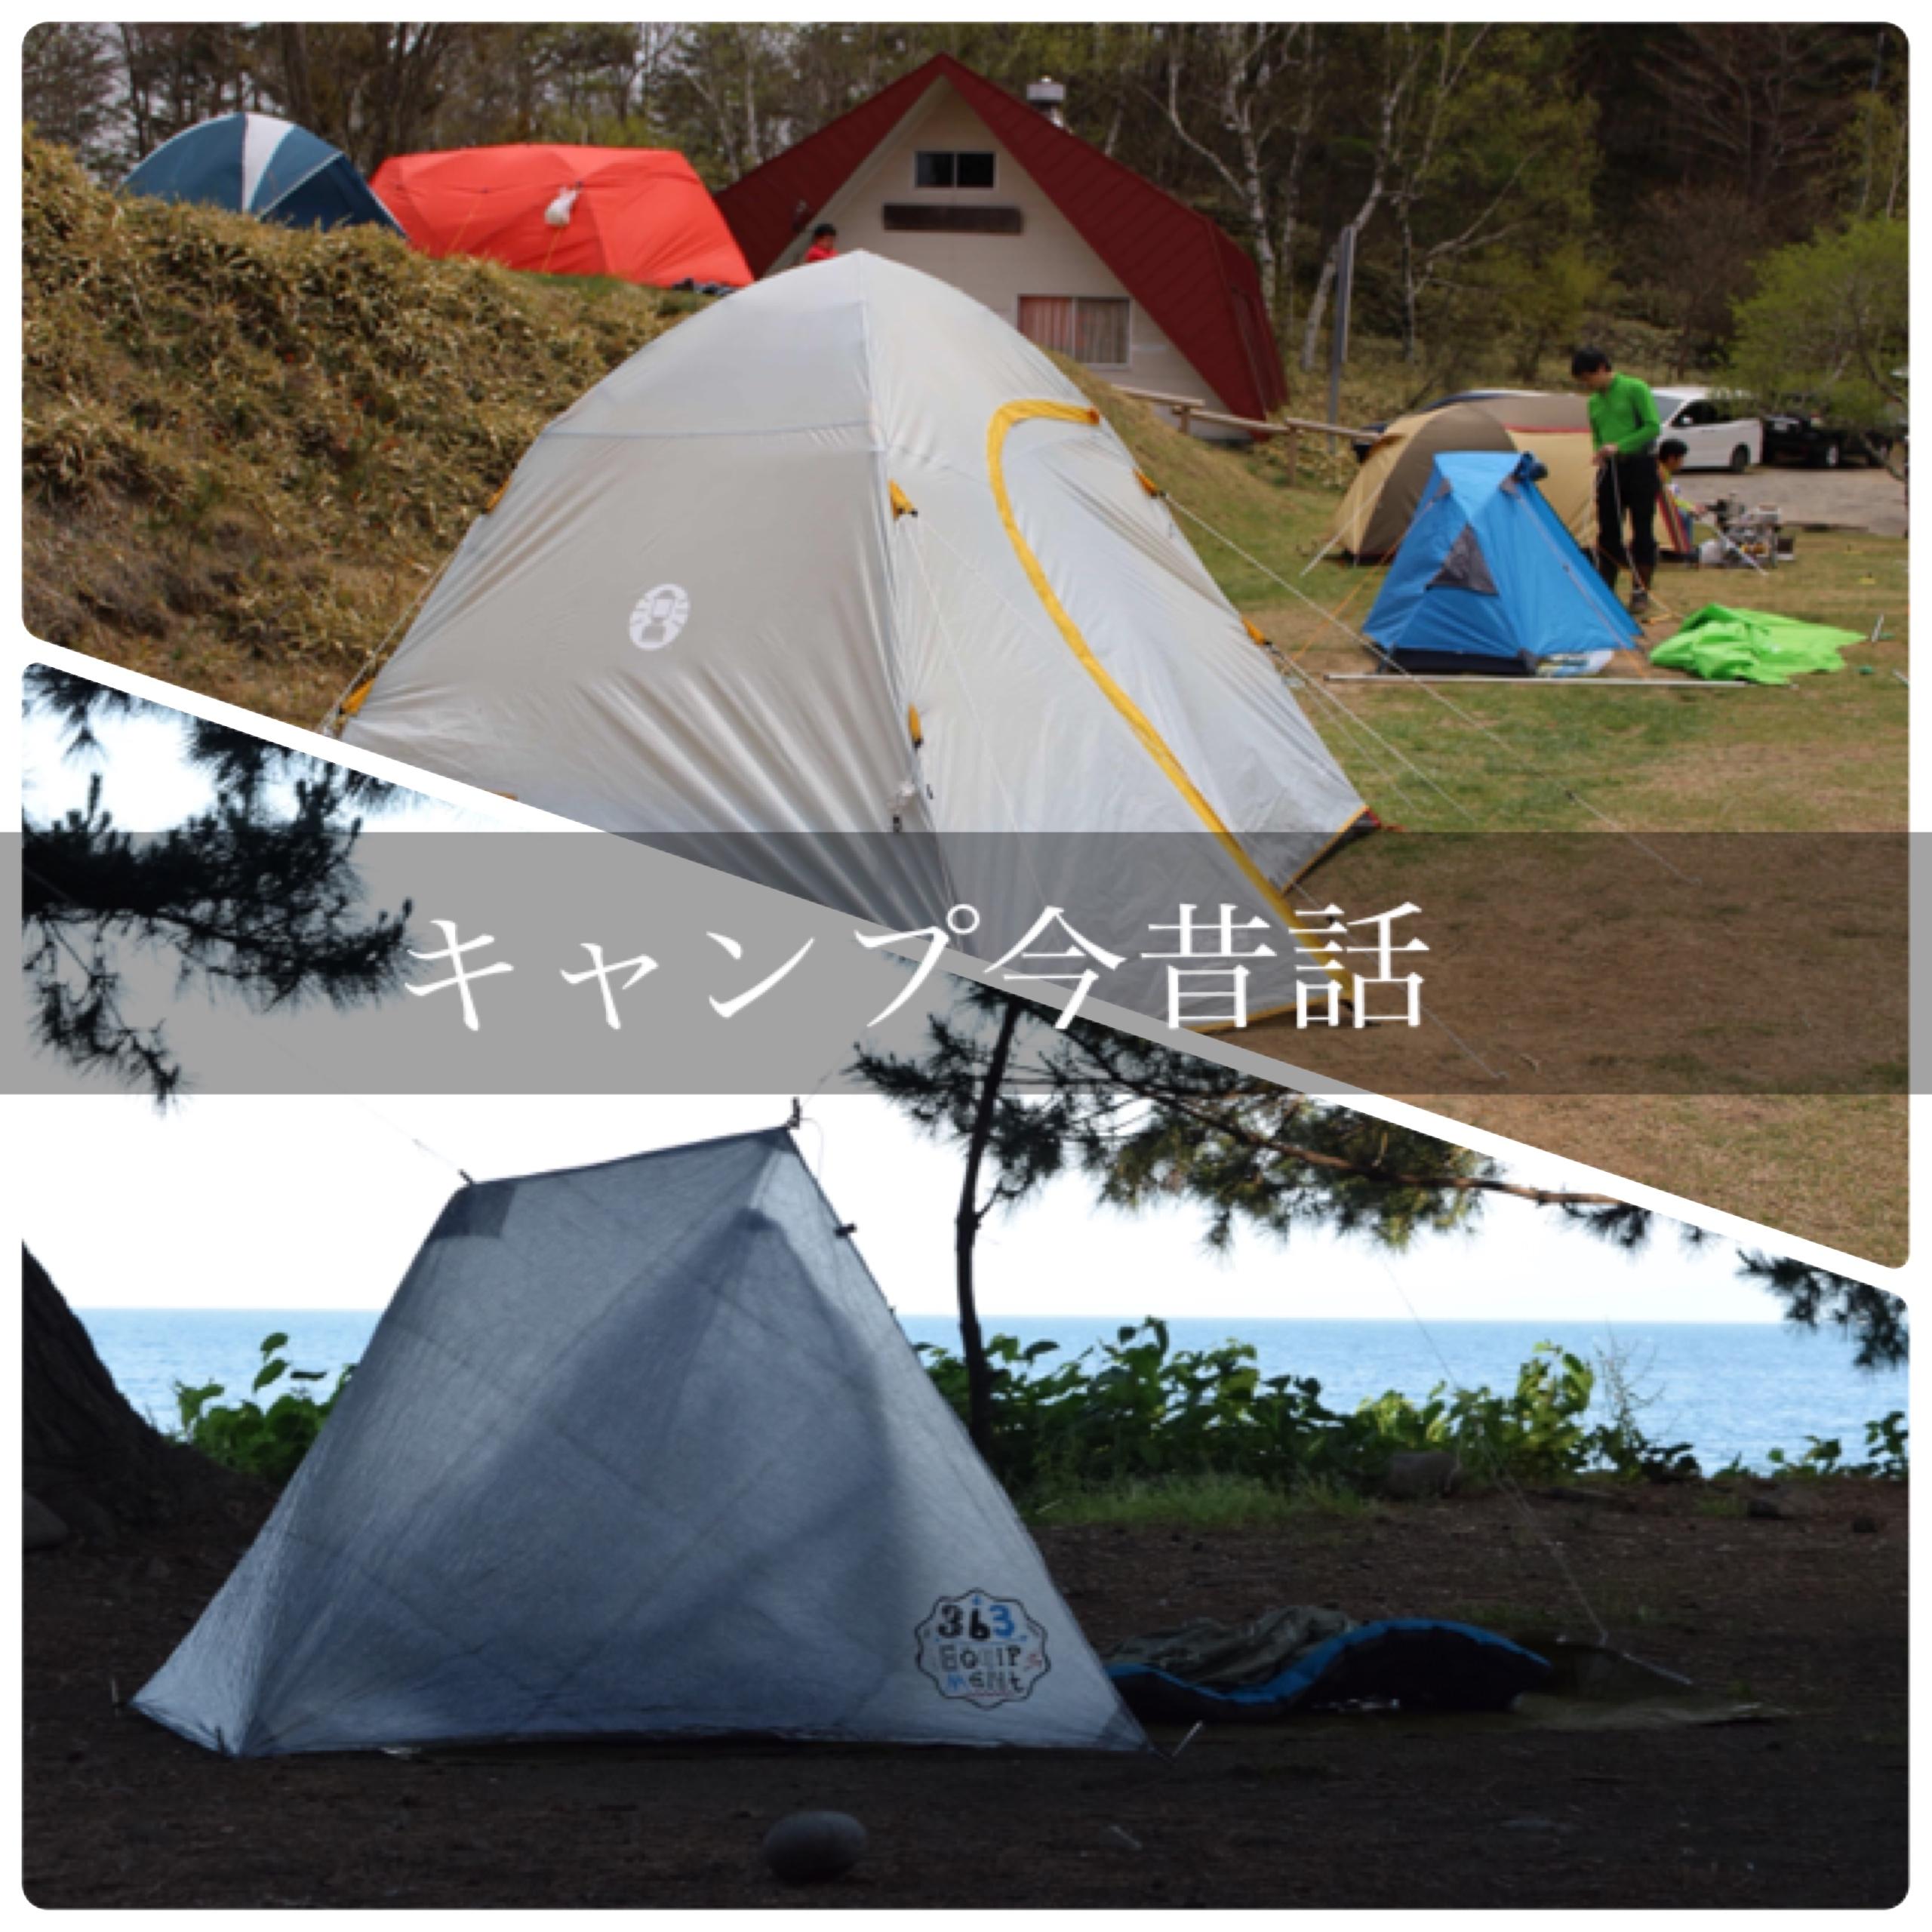 【たかにぃの考察】キャンプスタイルの変化。今と昔。